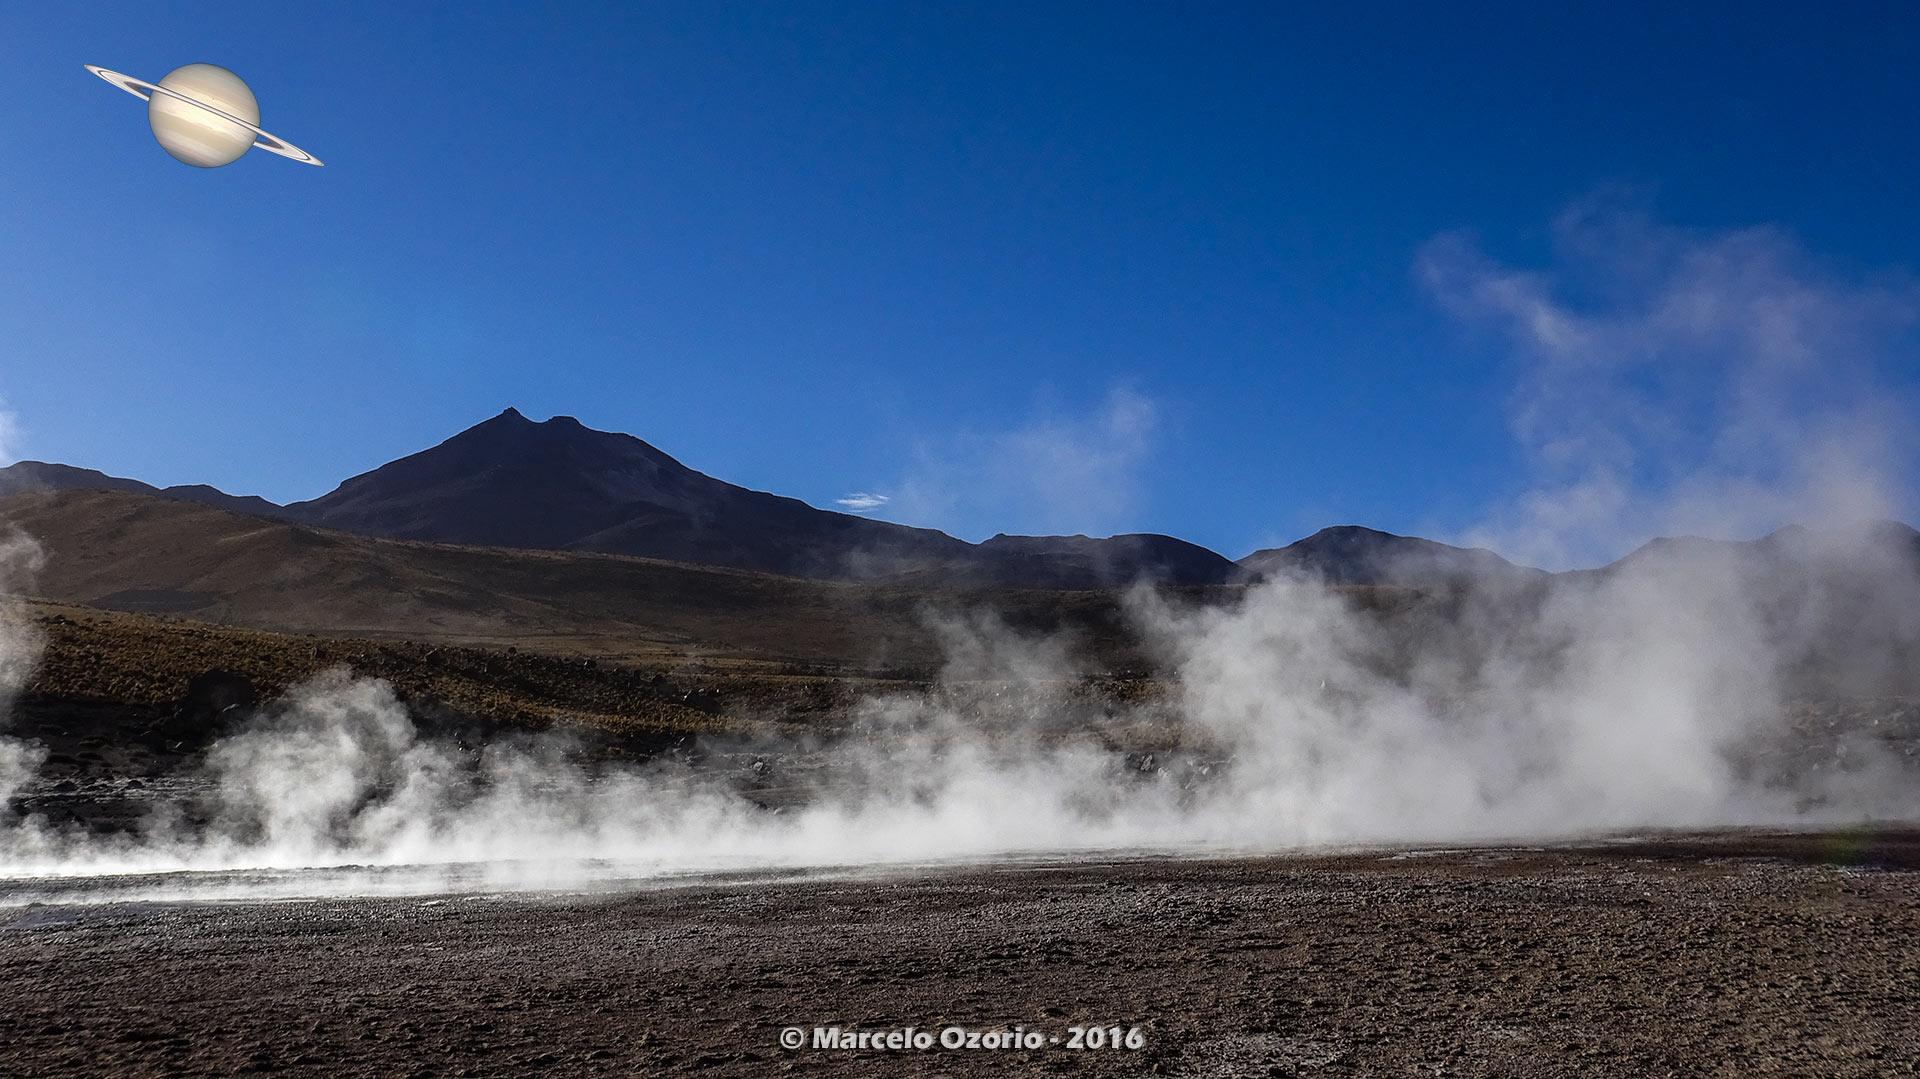 el tatio geysers atacama desert 29 - The Surreal El Tatio Geysers - Atacama Desert - Chile